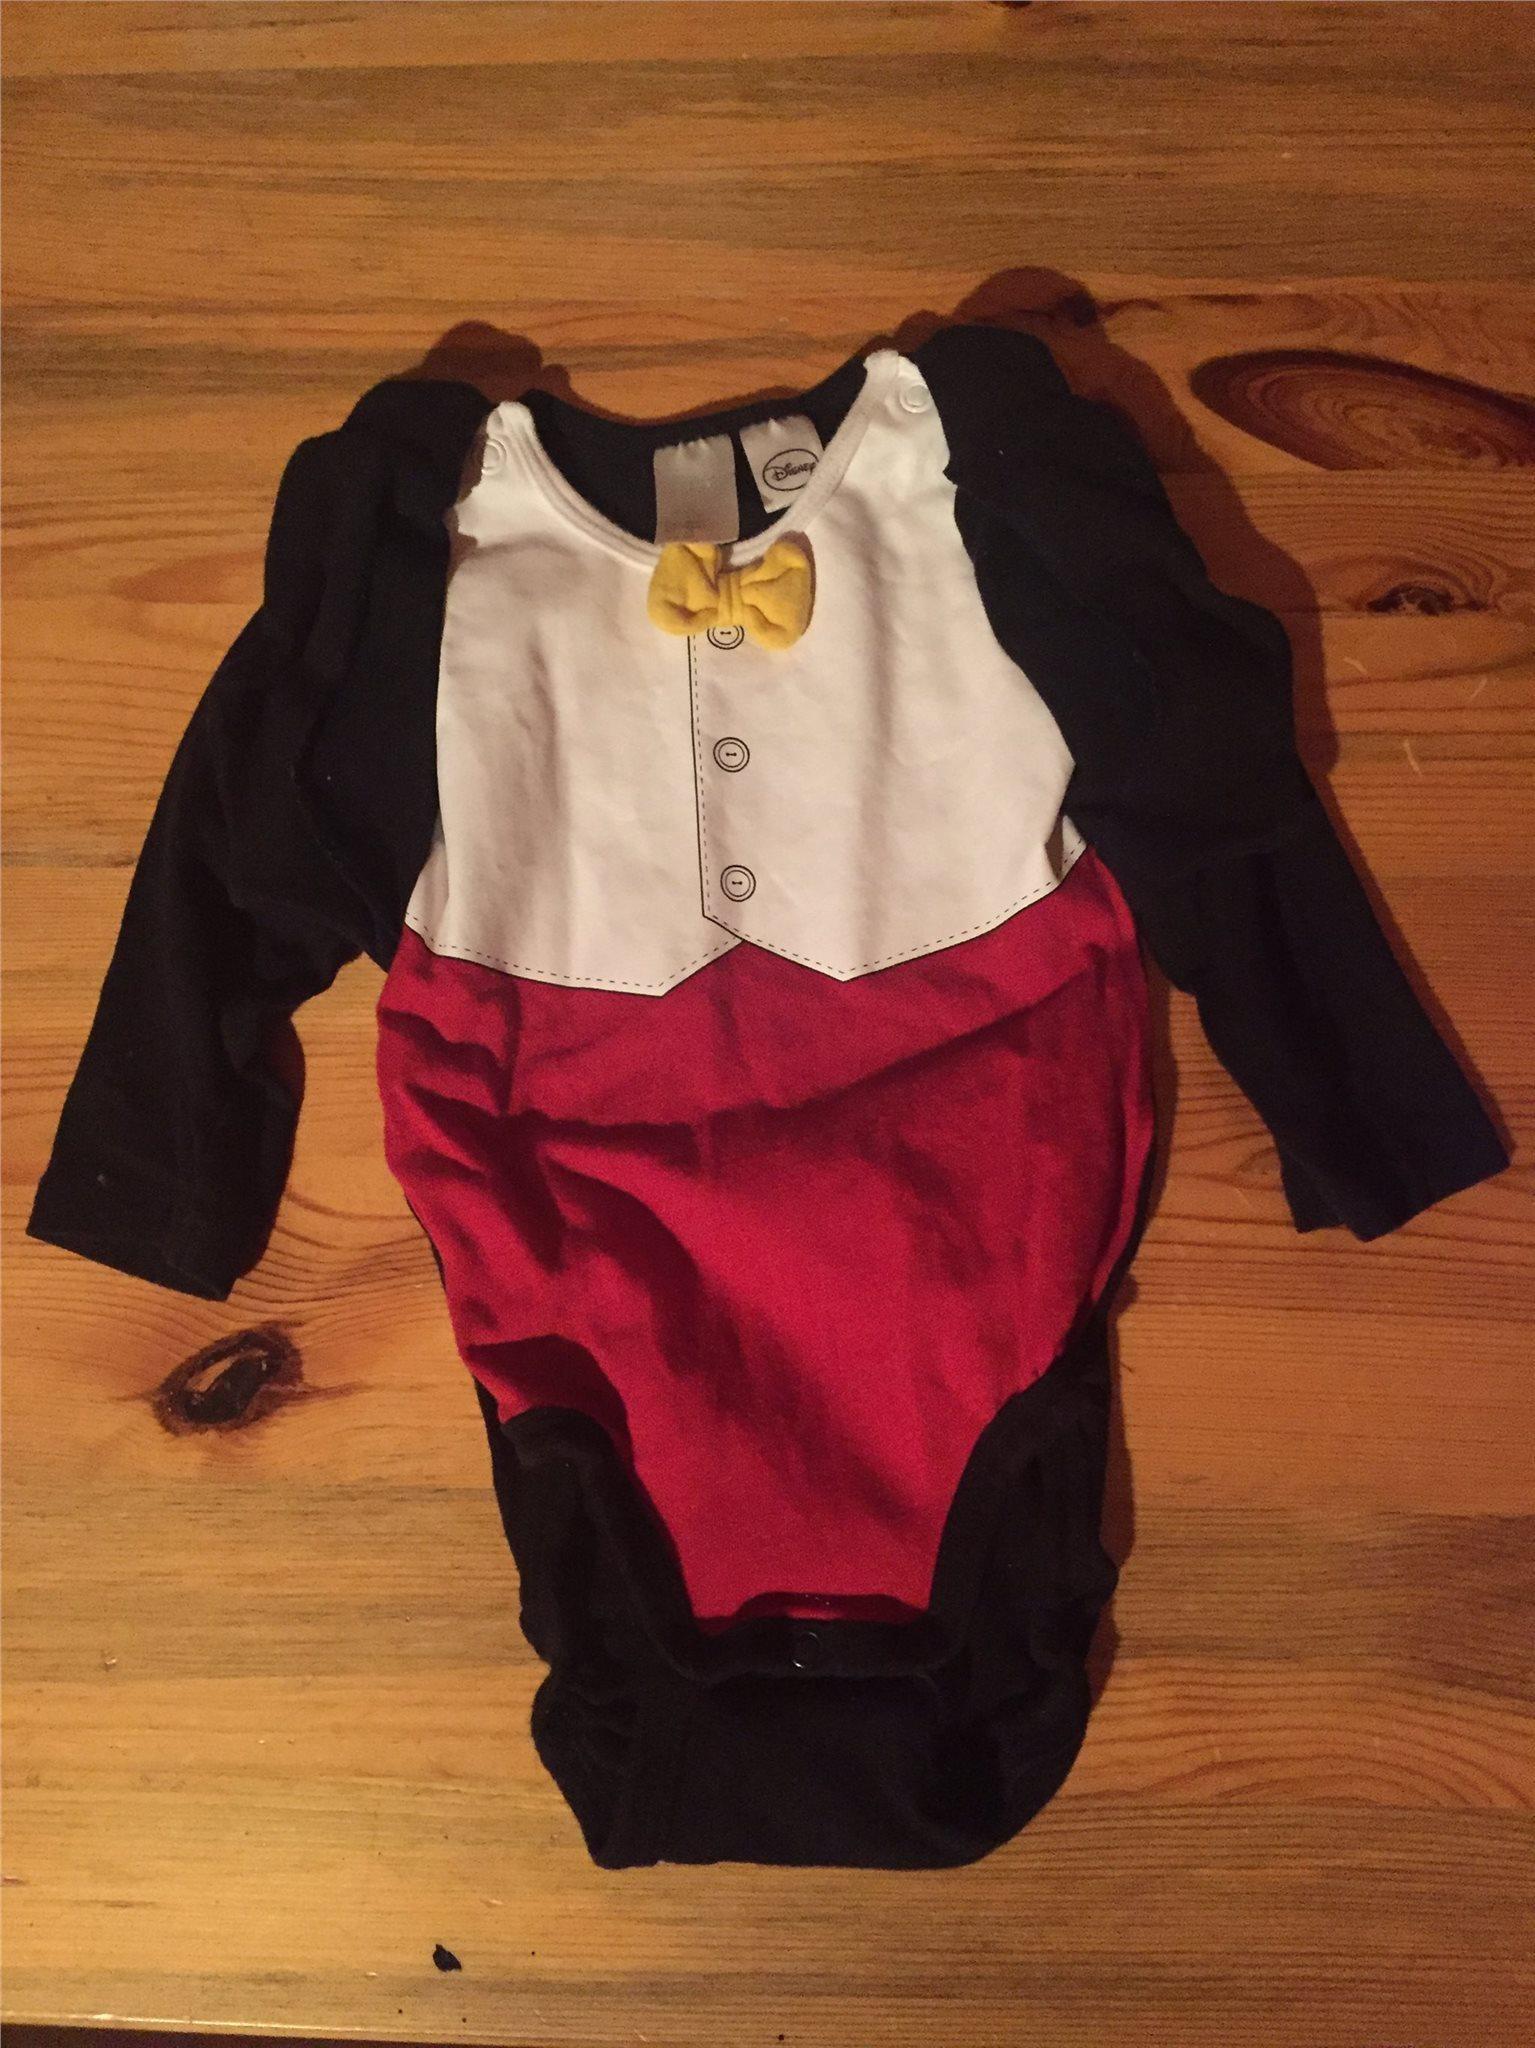 H M Body Stl 68 Disney Skjorta Fluga Musse Pigg Tuxedo Fin Kläder Jul Nyår 7de0889d632c0